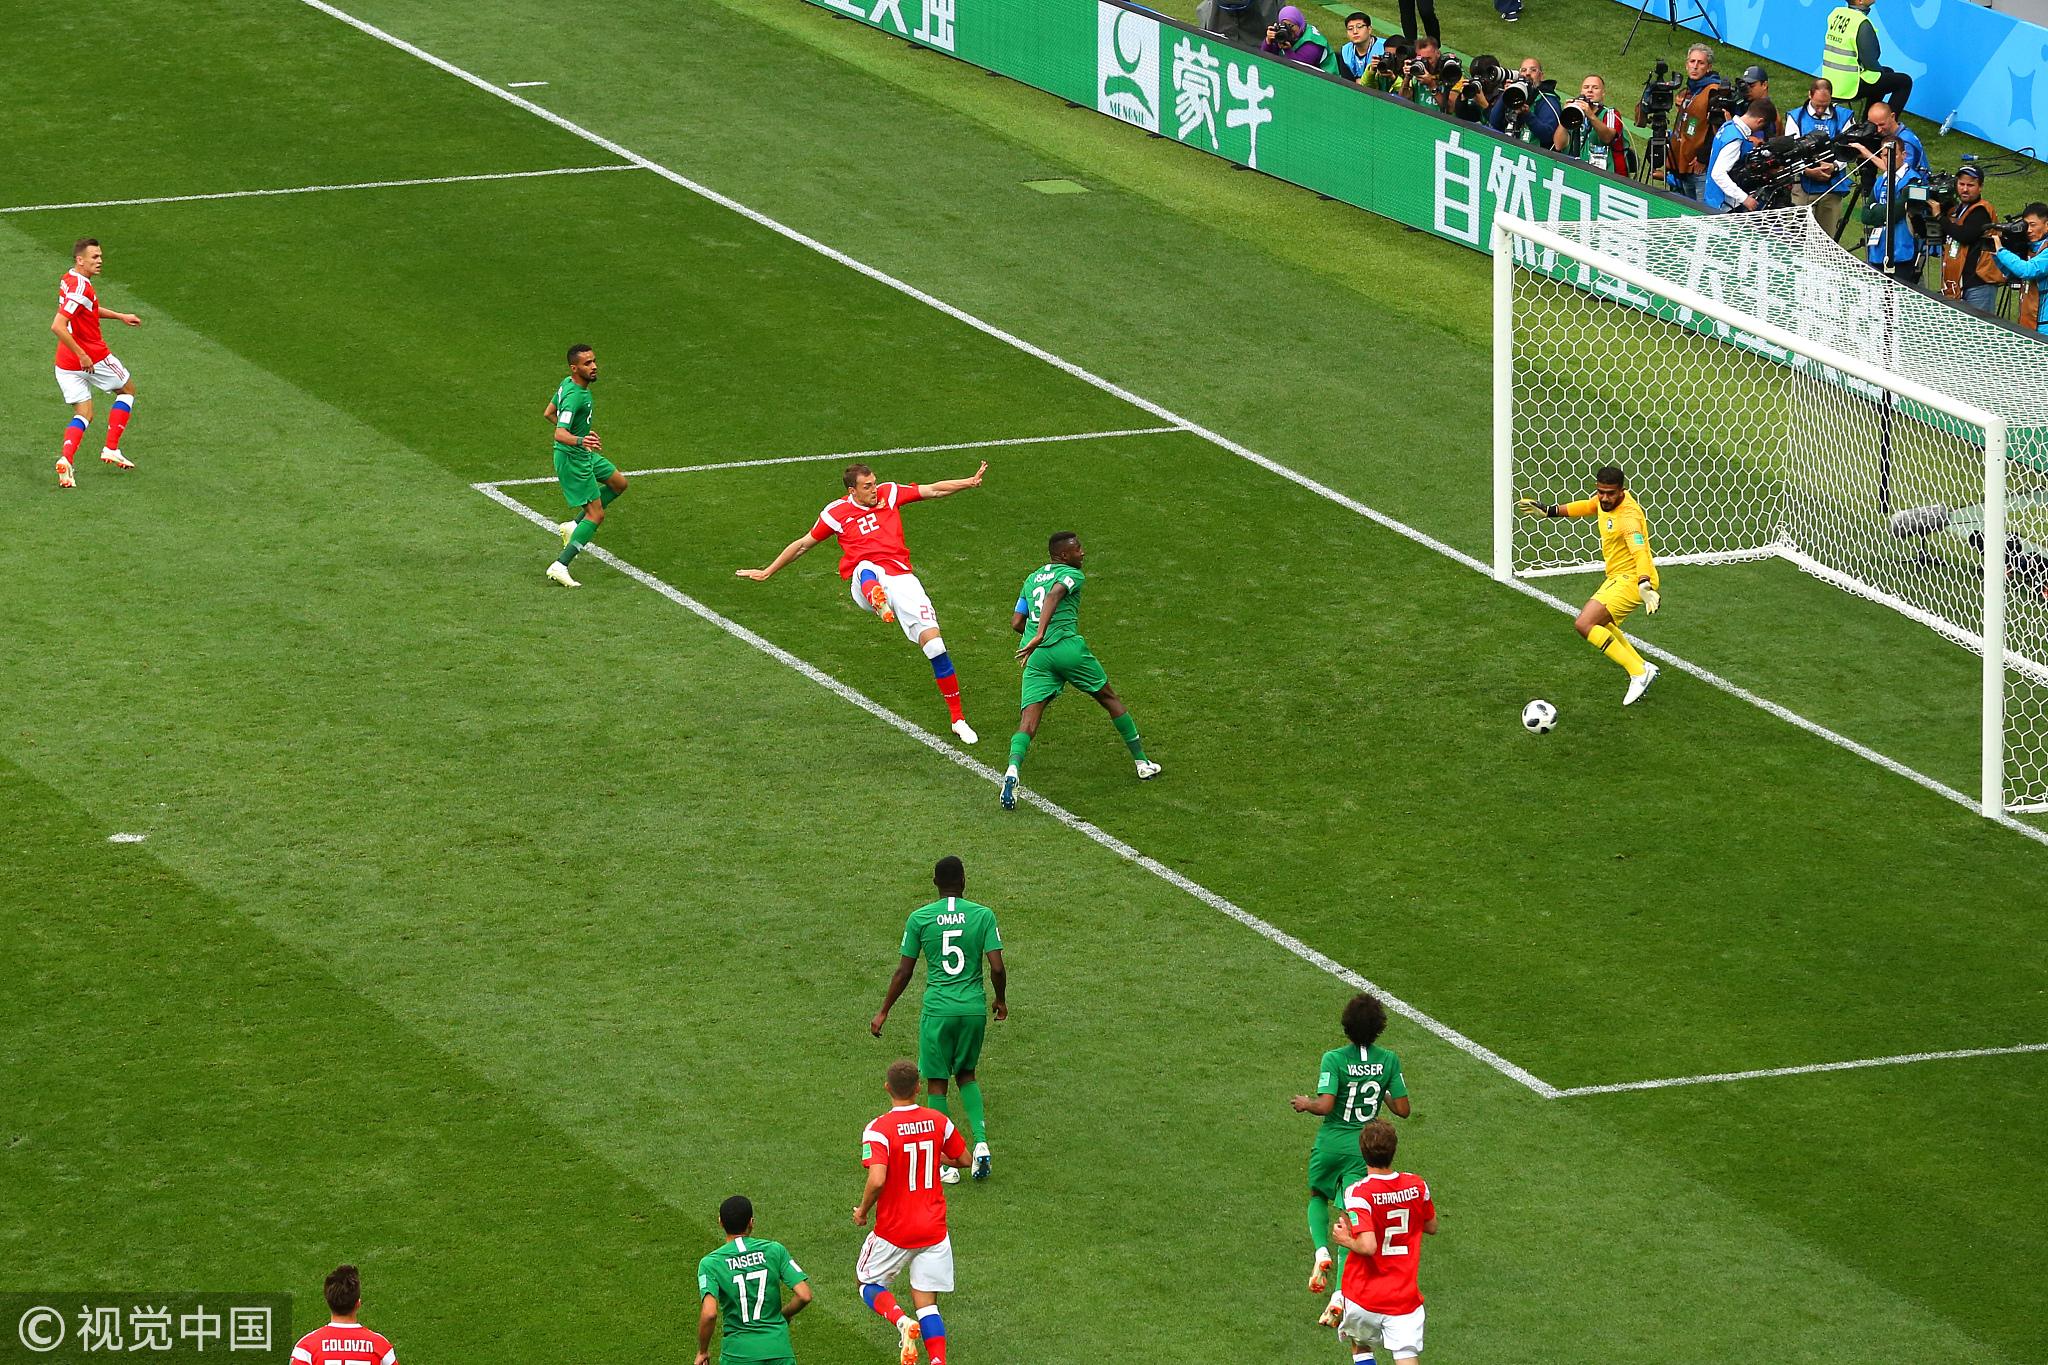 2018俄罗斯世界杯揭幕战东道主5-0大胜沙特